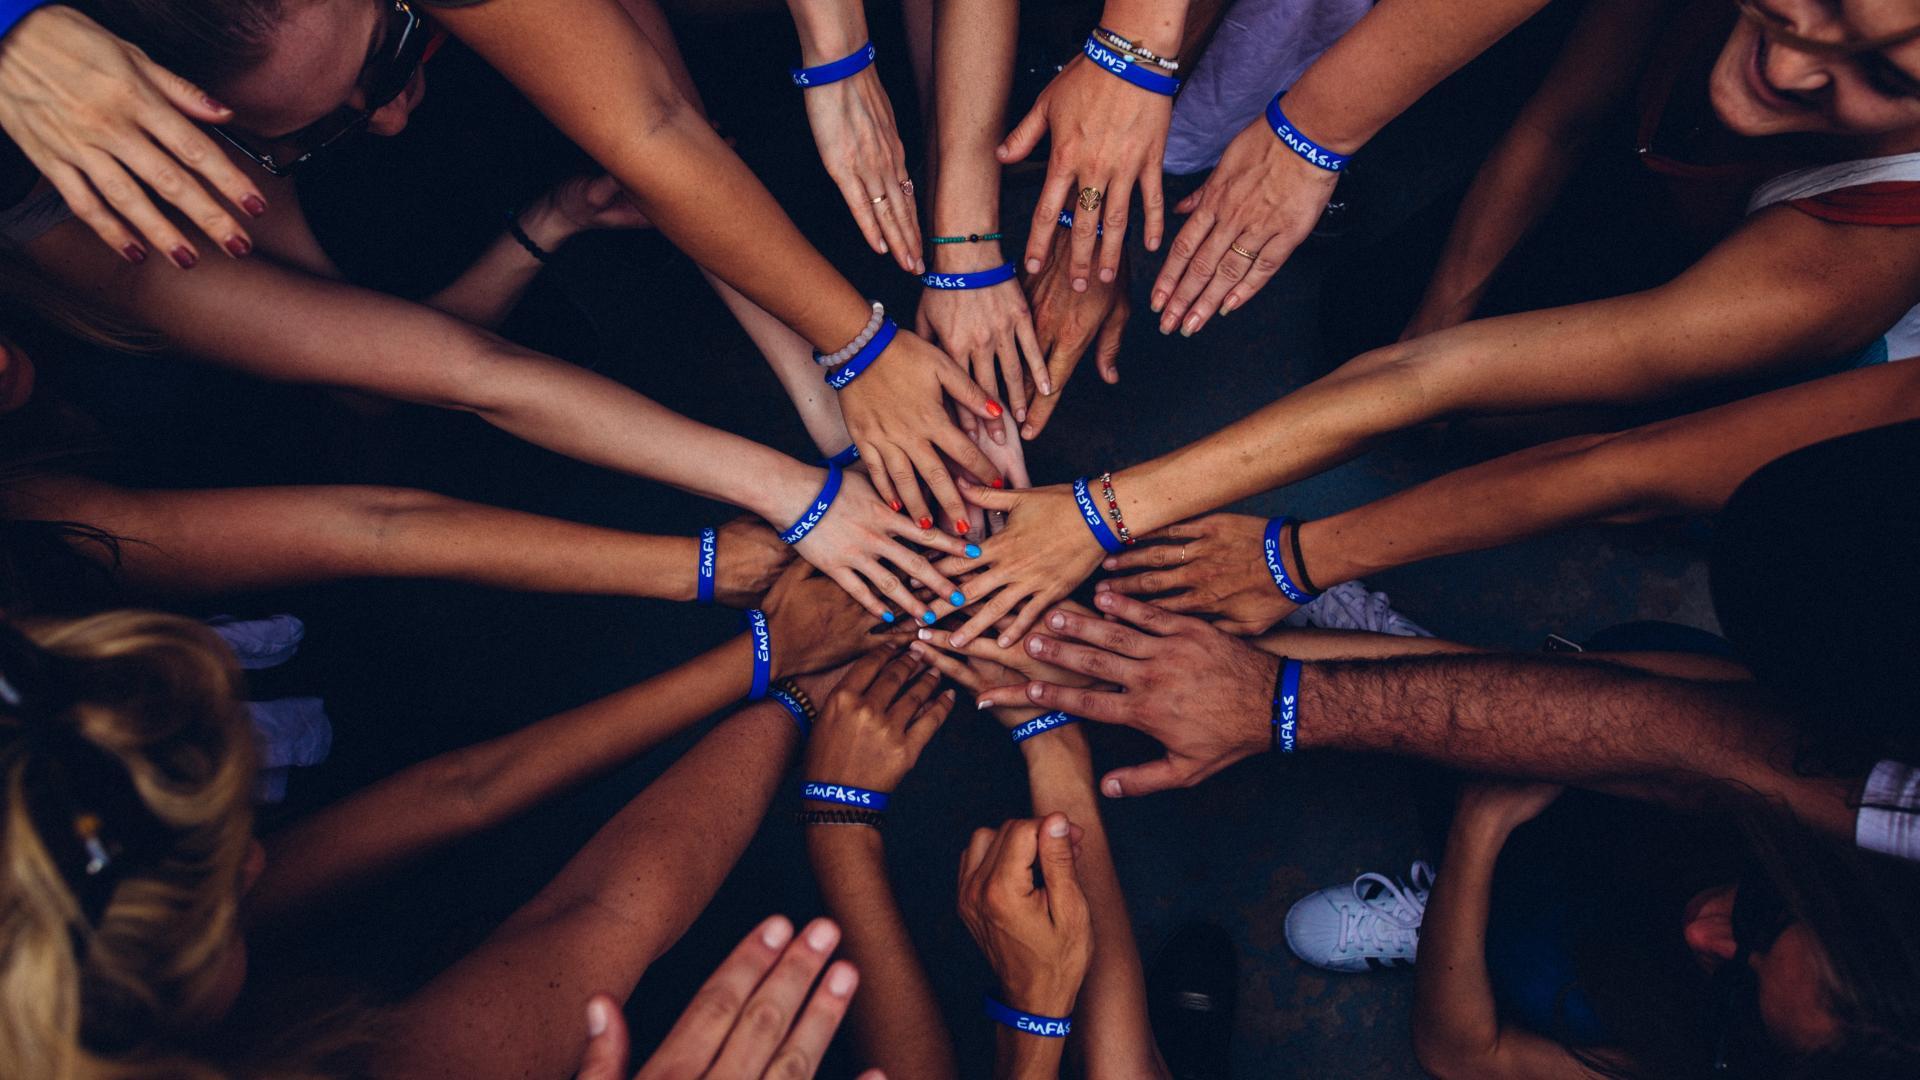 Gruppe von Menschen stecken die Hände zusammen